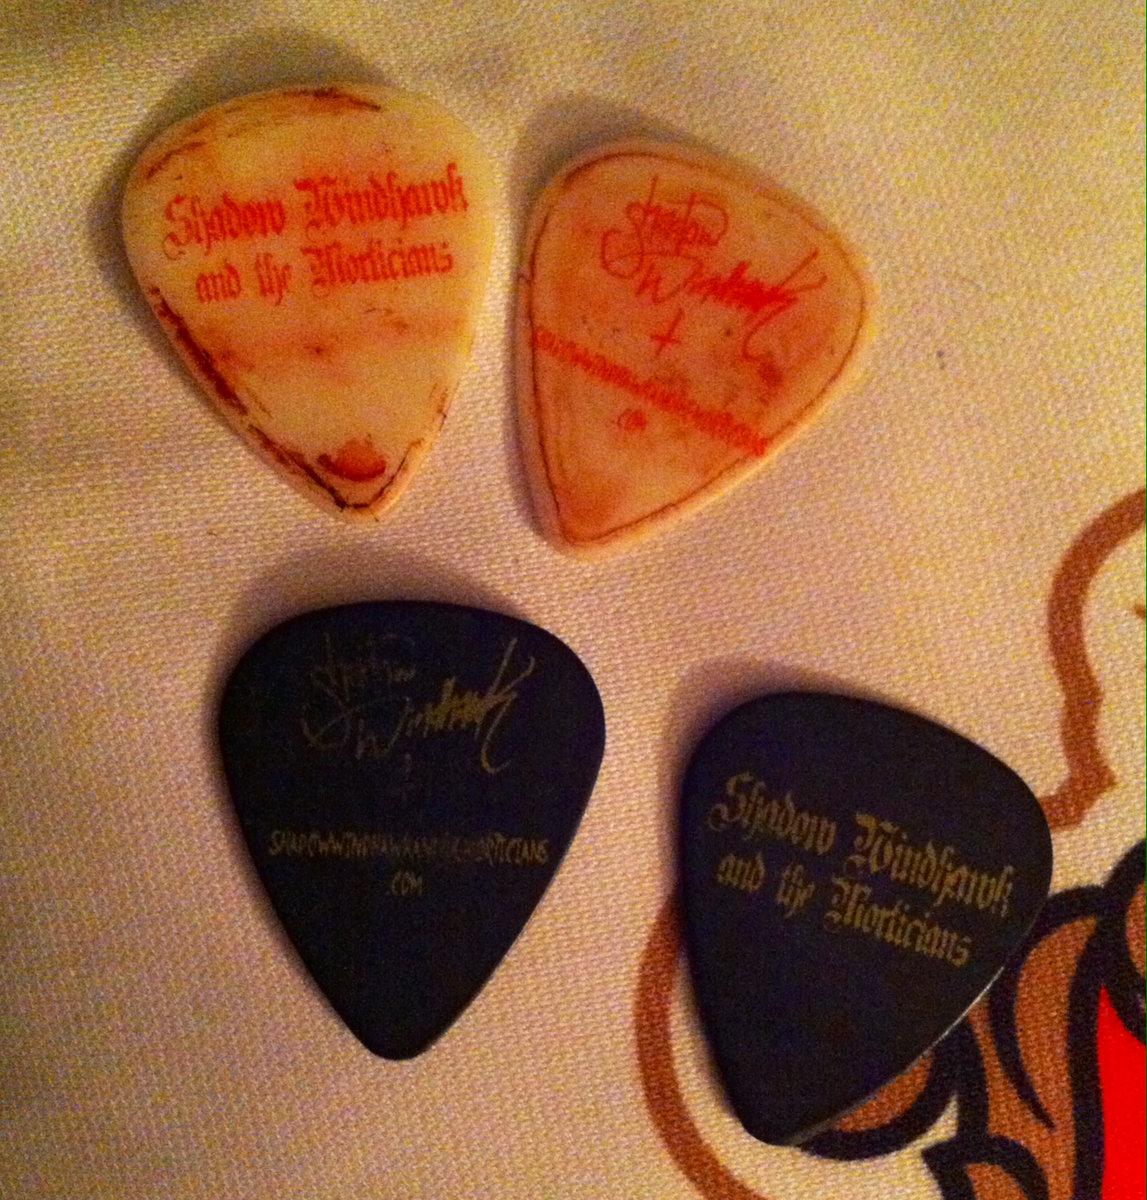 Shadow Windhawks Bloody Guitar Picks And Strings Worn Used In Halloween 63